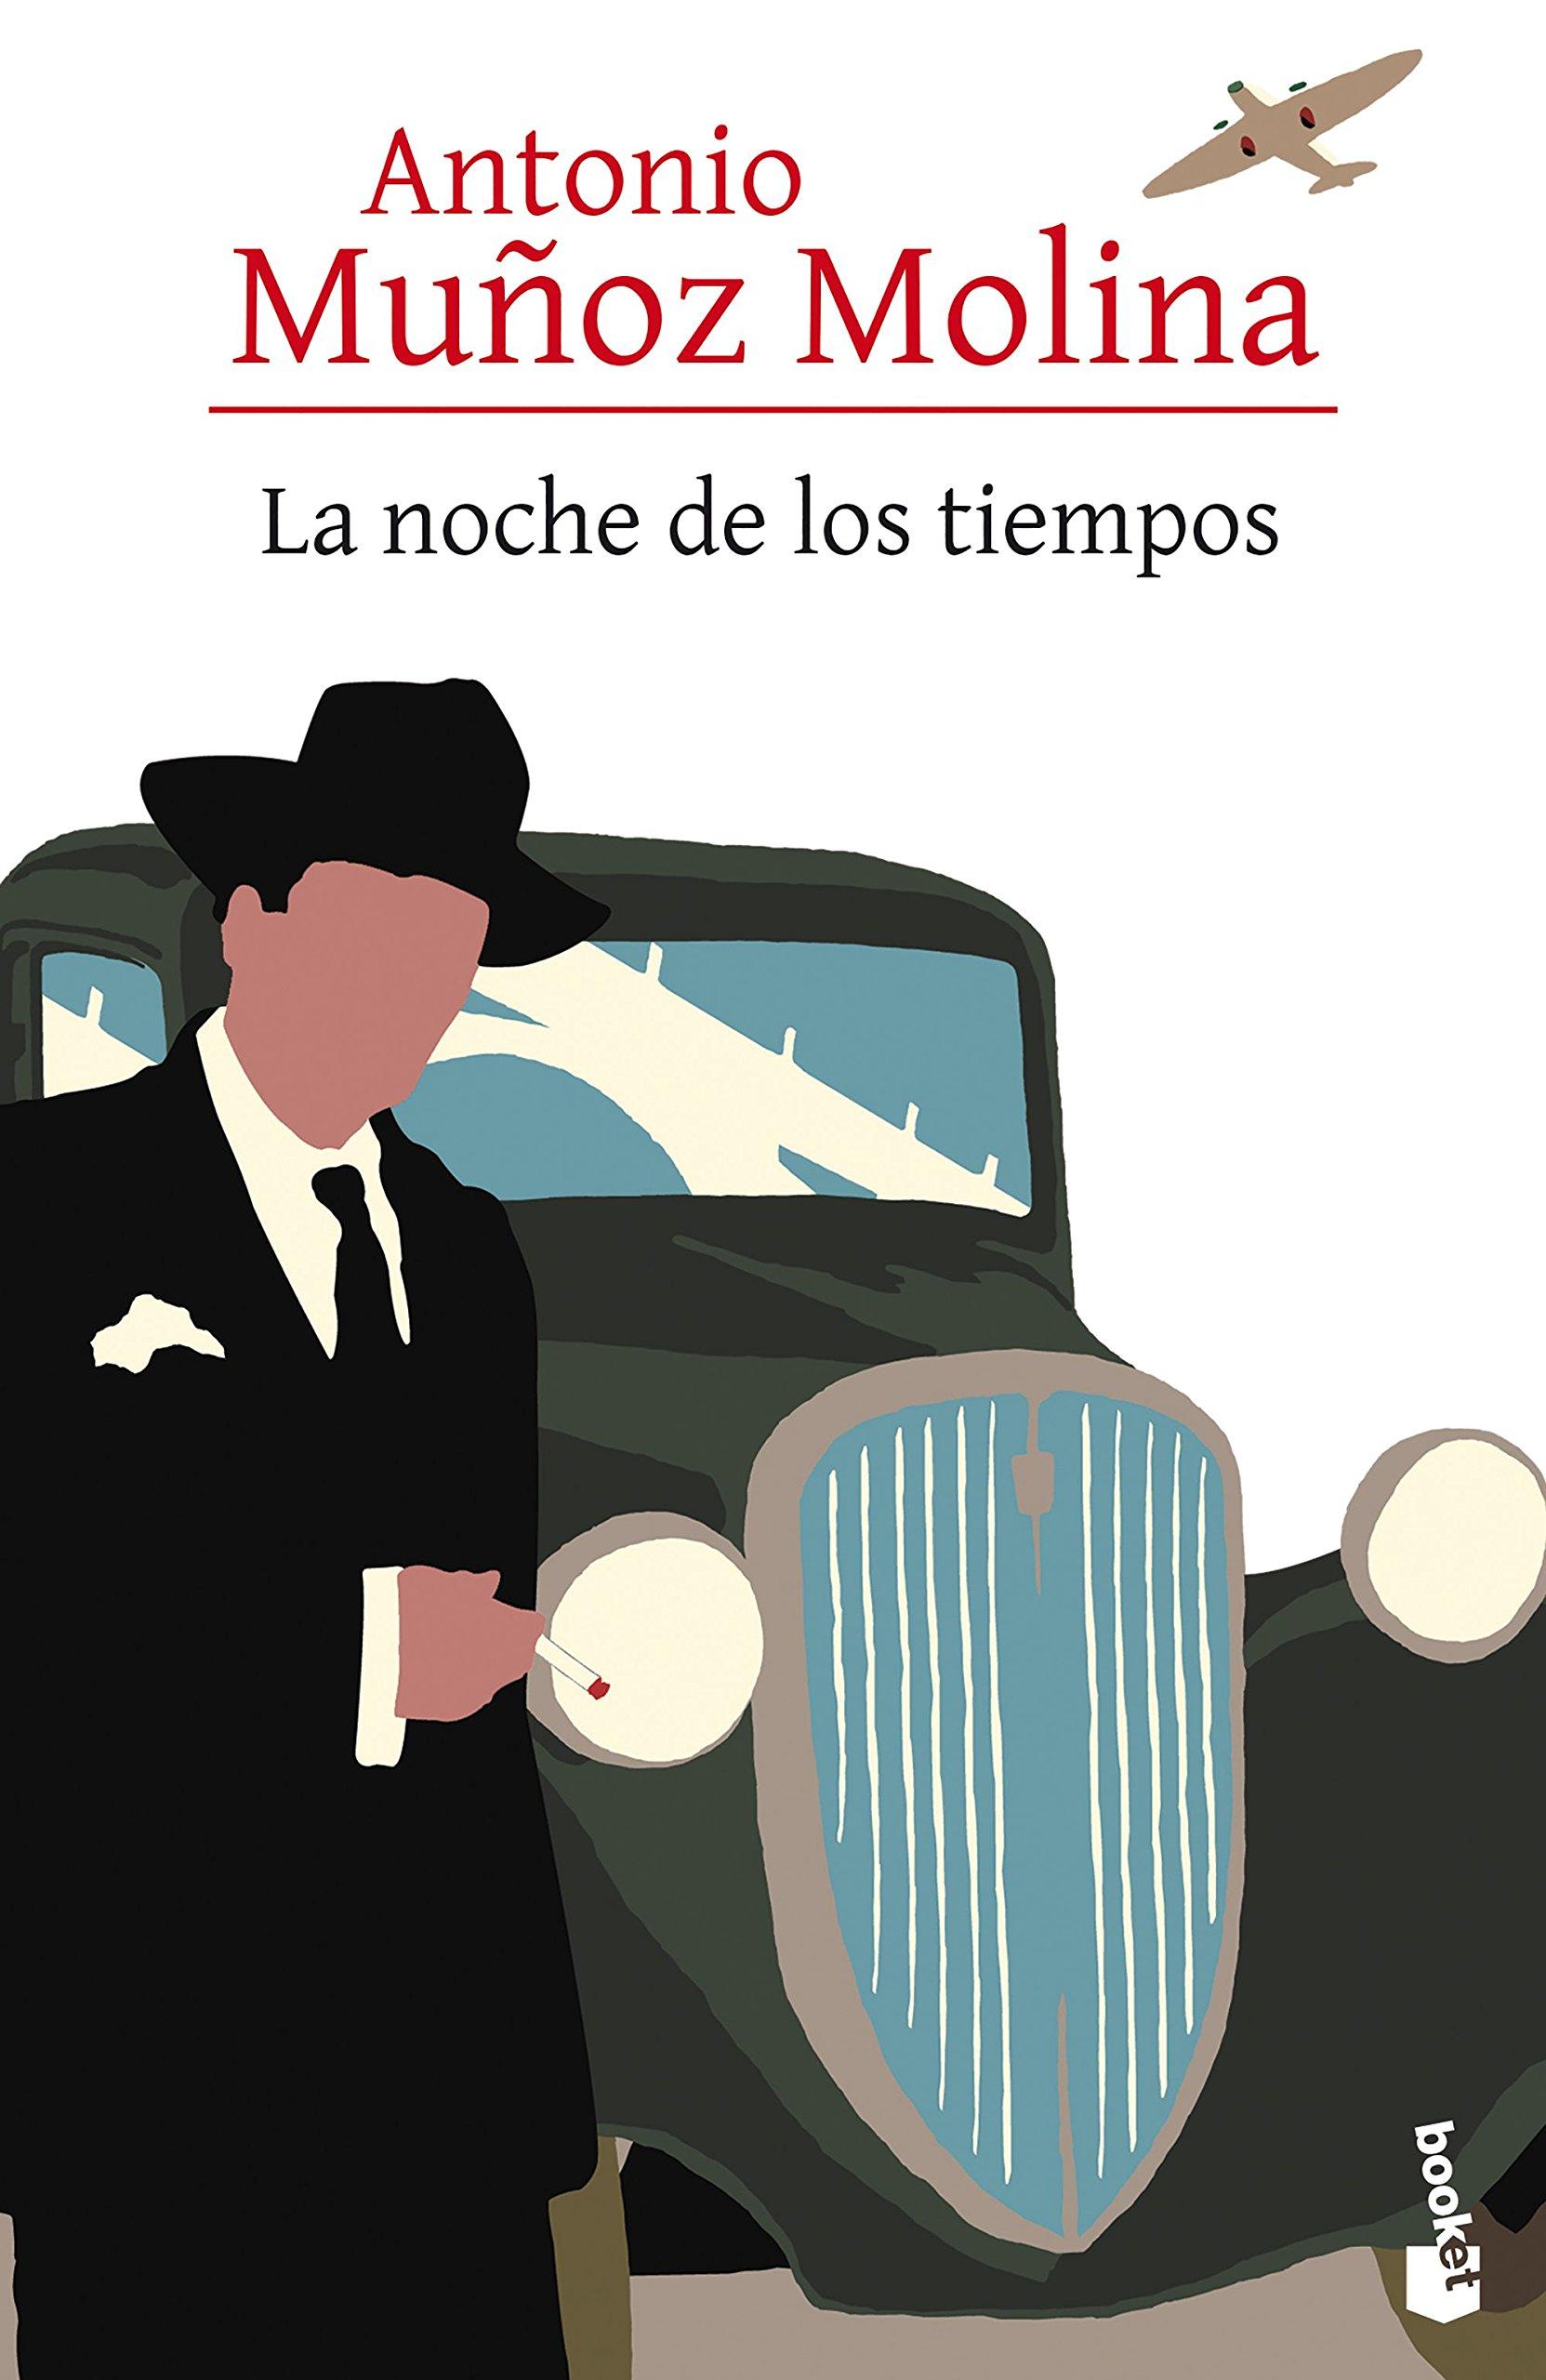 La noche de los tiempos Biblioteca Antonio Muñoz Molina: Amazon.es: Muñoz Molina, Antonio: Libros